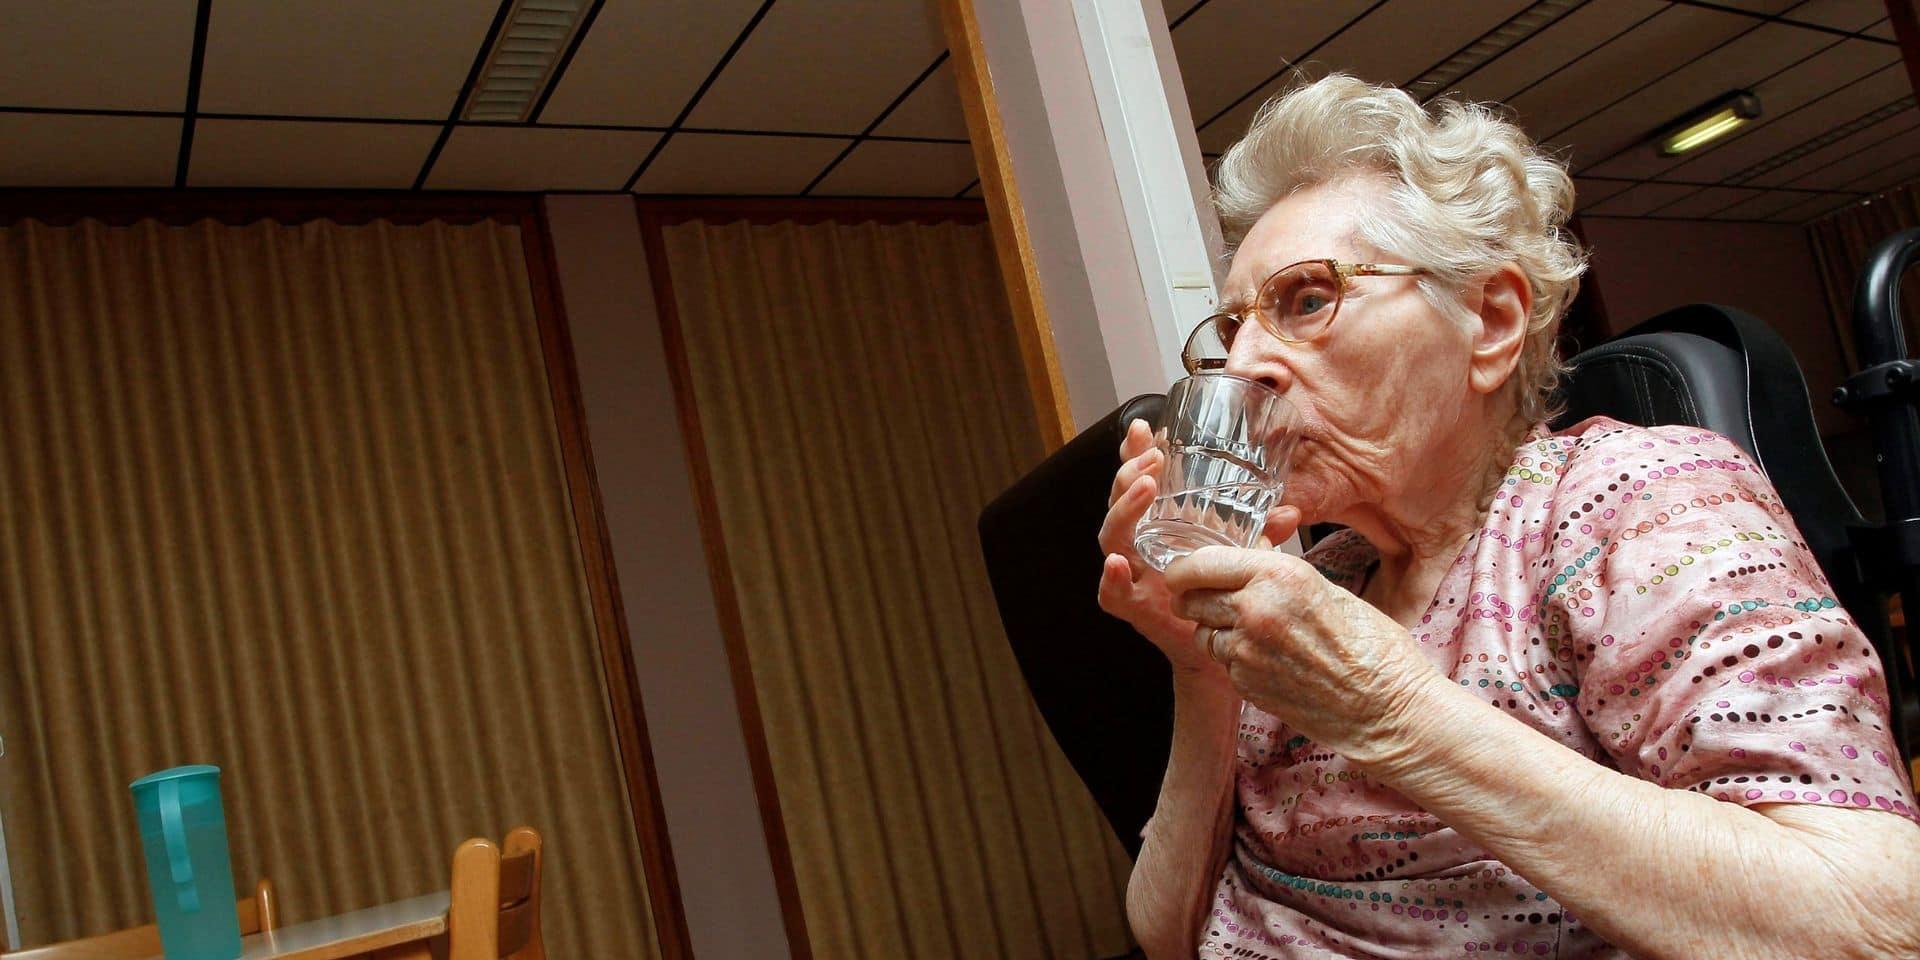 Eau, visites aux personnes âgées... mesures de préventions à Genappe lors des fortes chaleurs